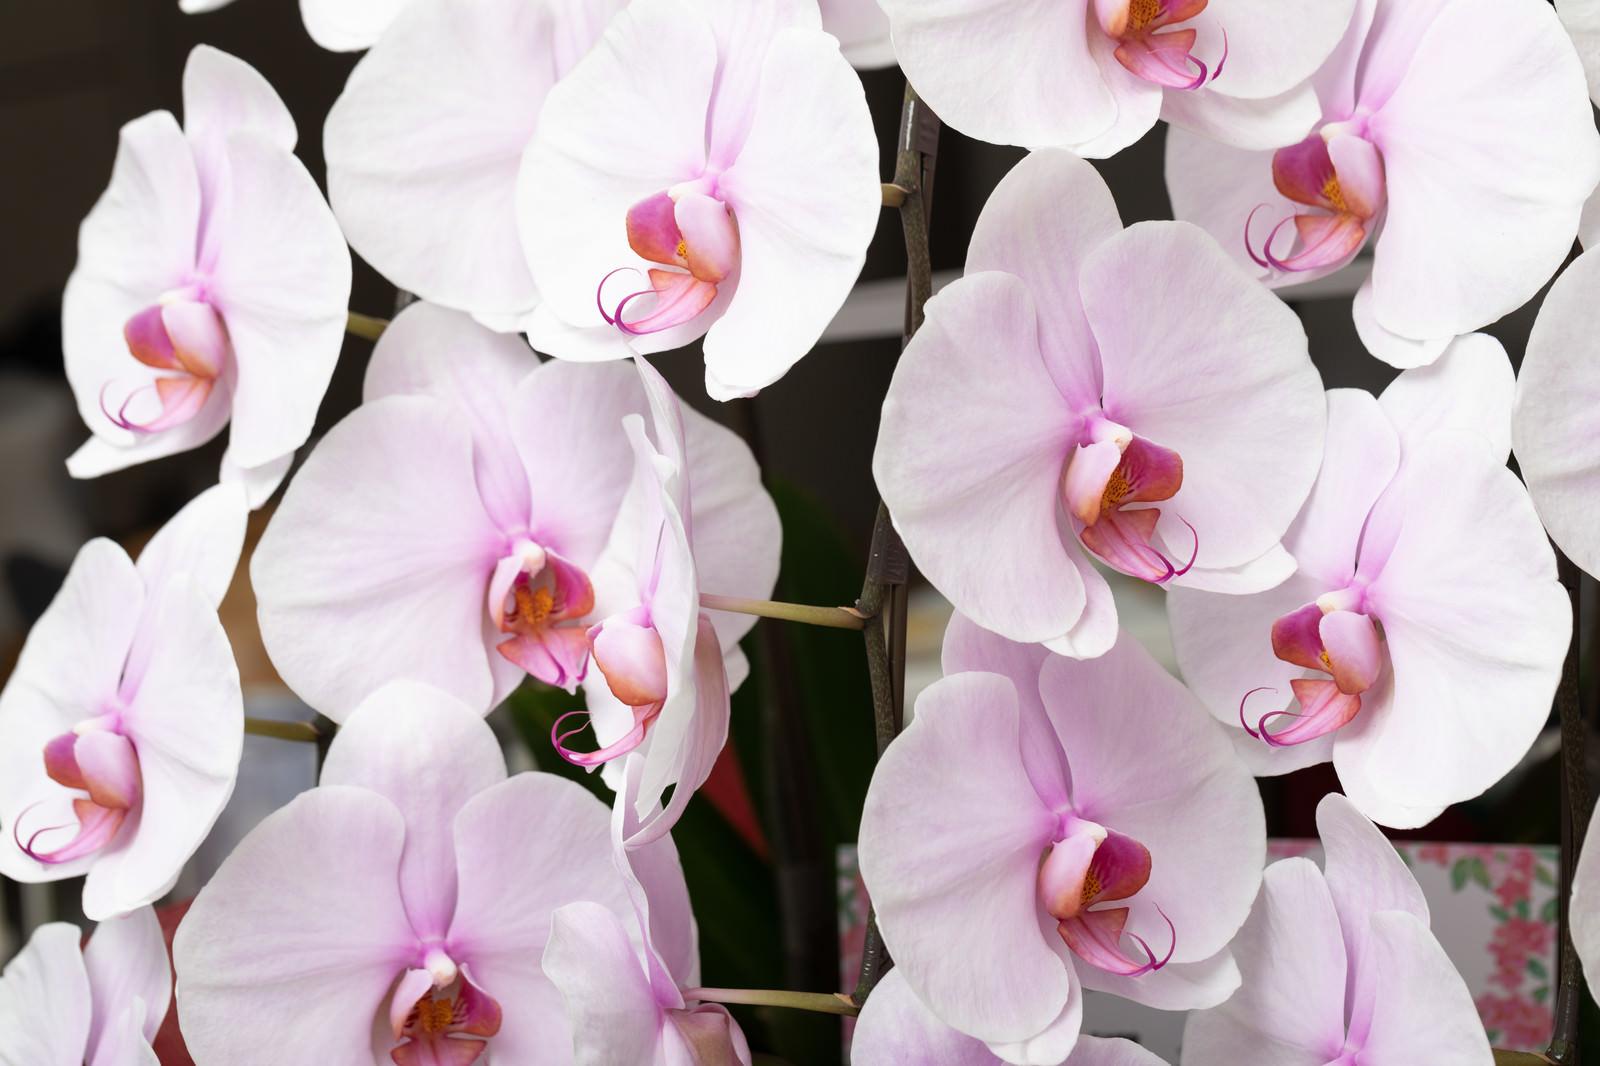 「大きい薄色ピンク色の胡蝶蘭」の写真